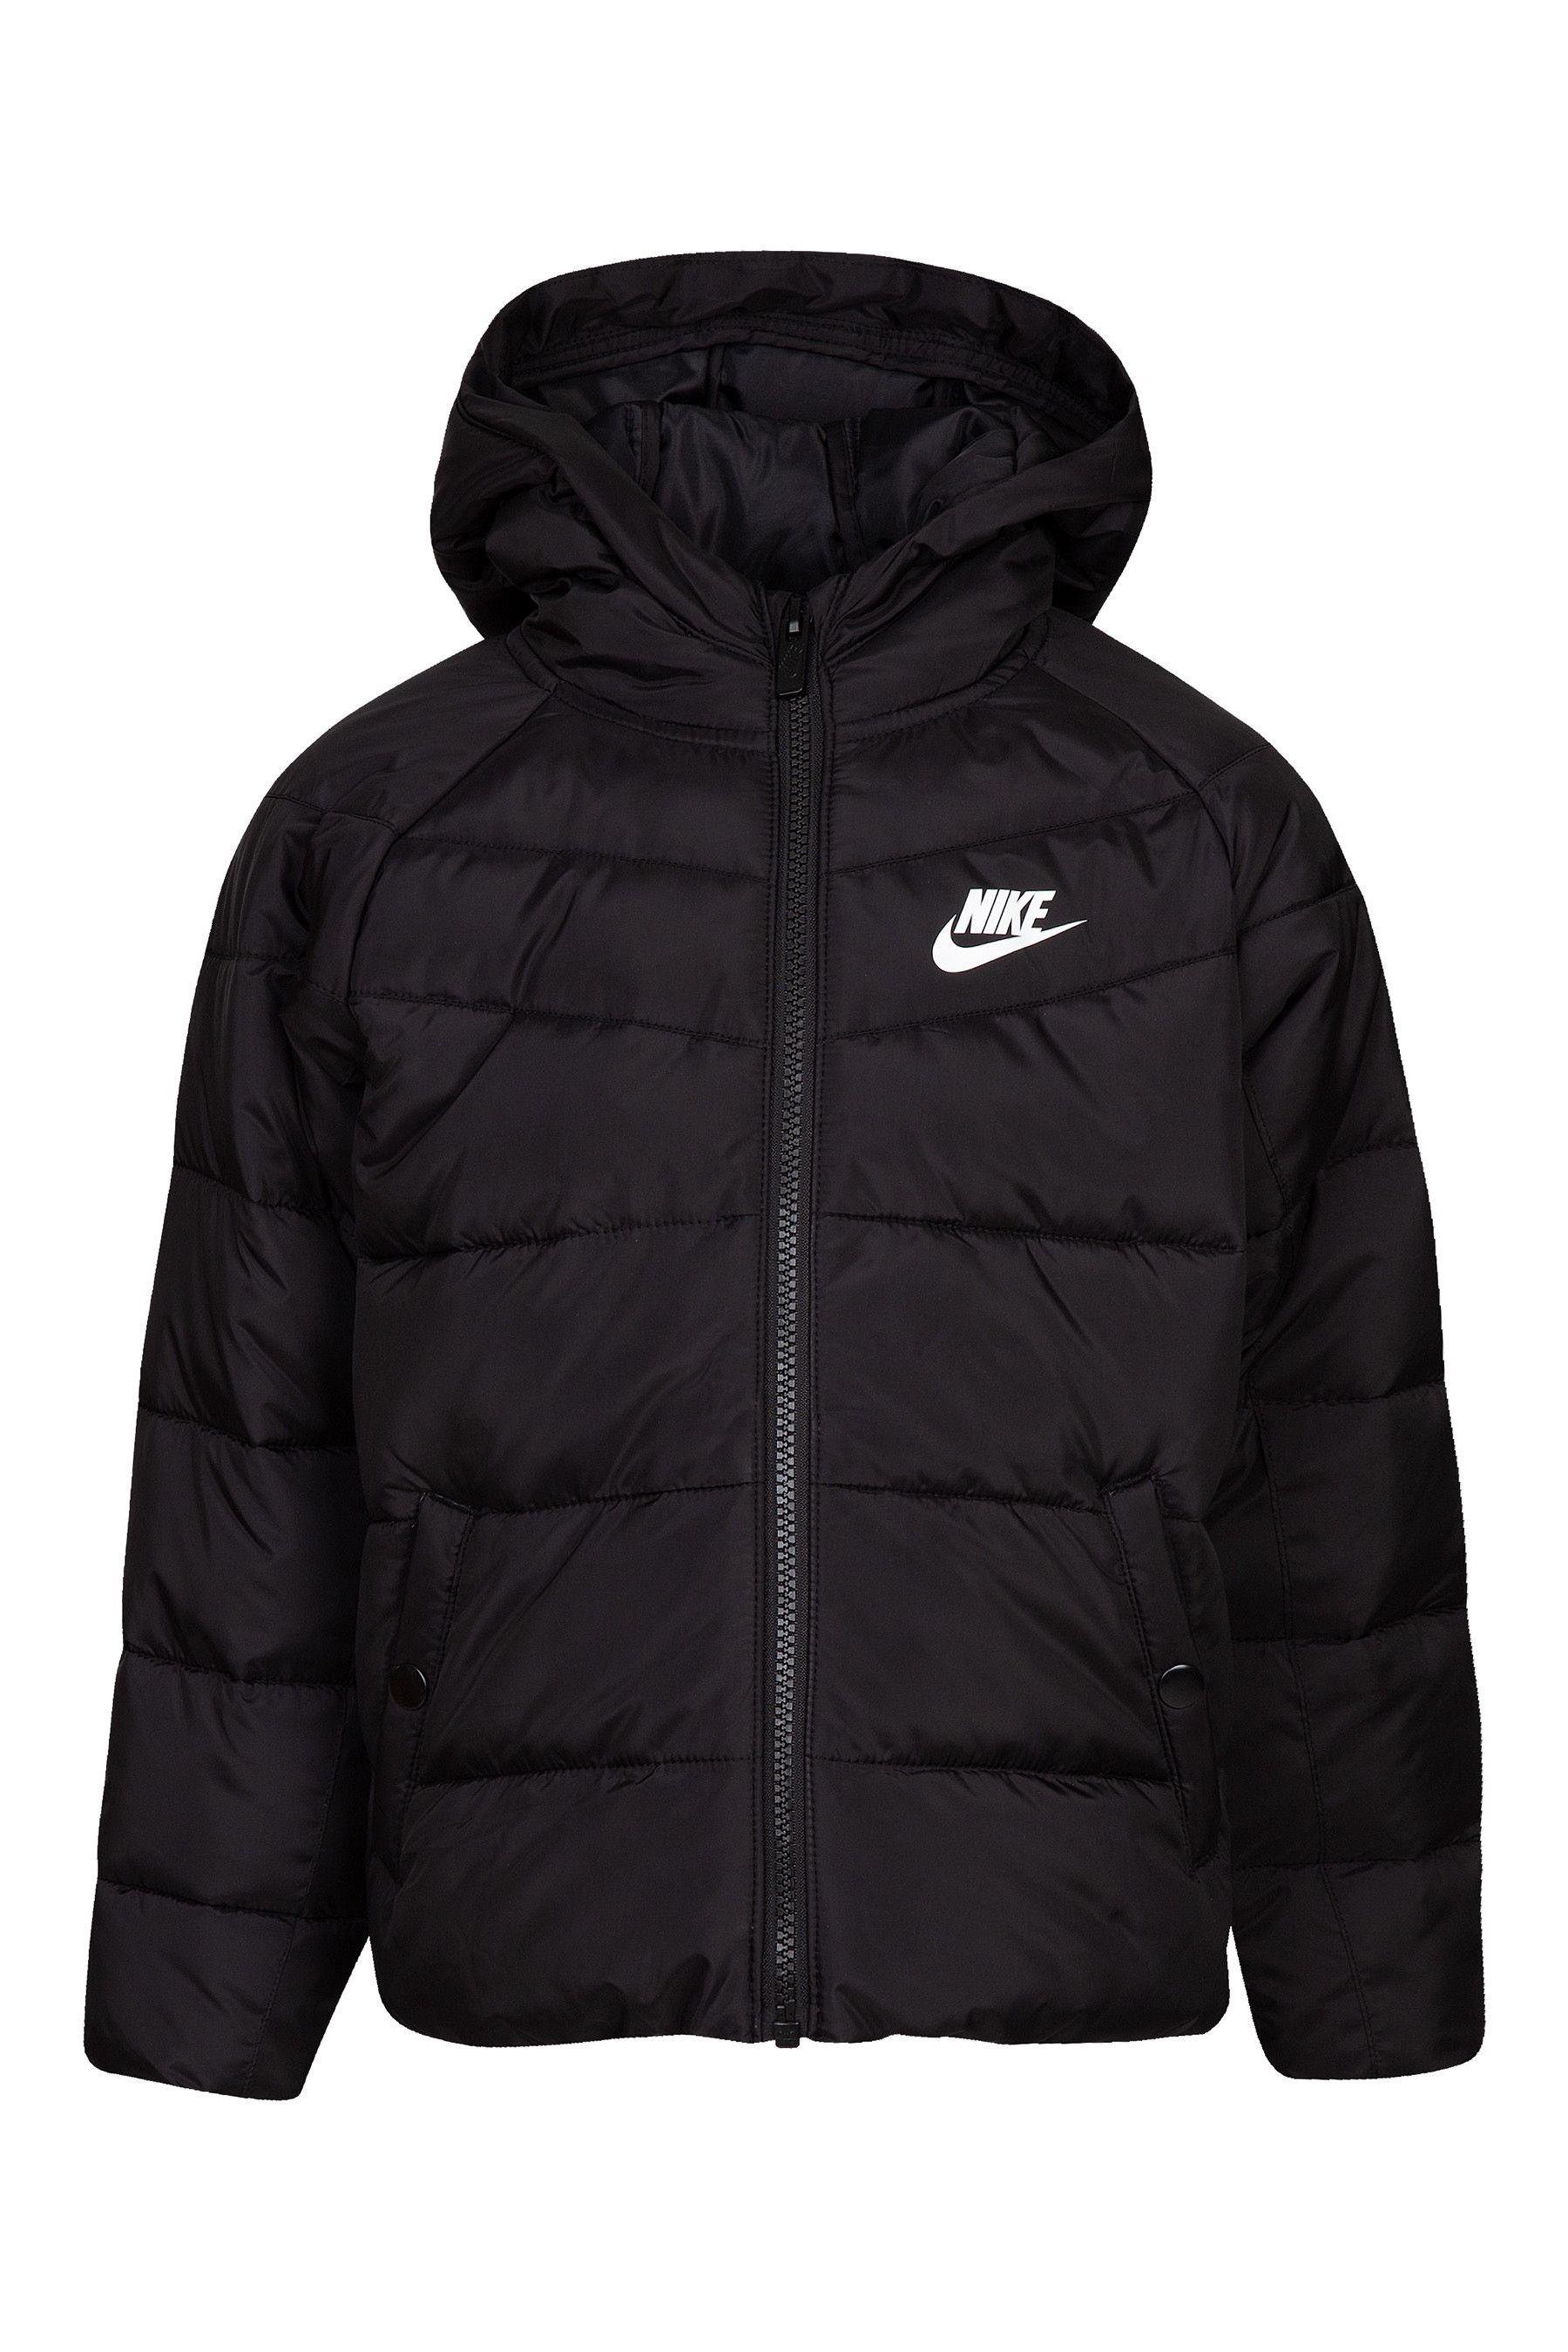 Boys Nike Little Kids Black Filled Jacket Black | Toddler